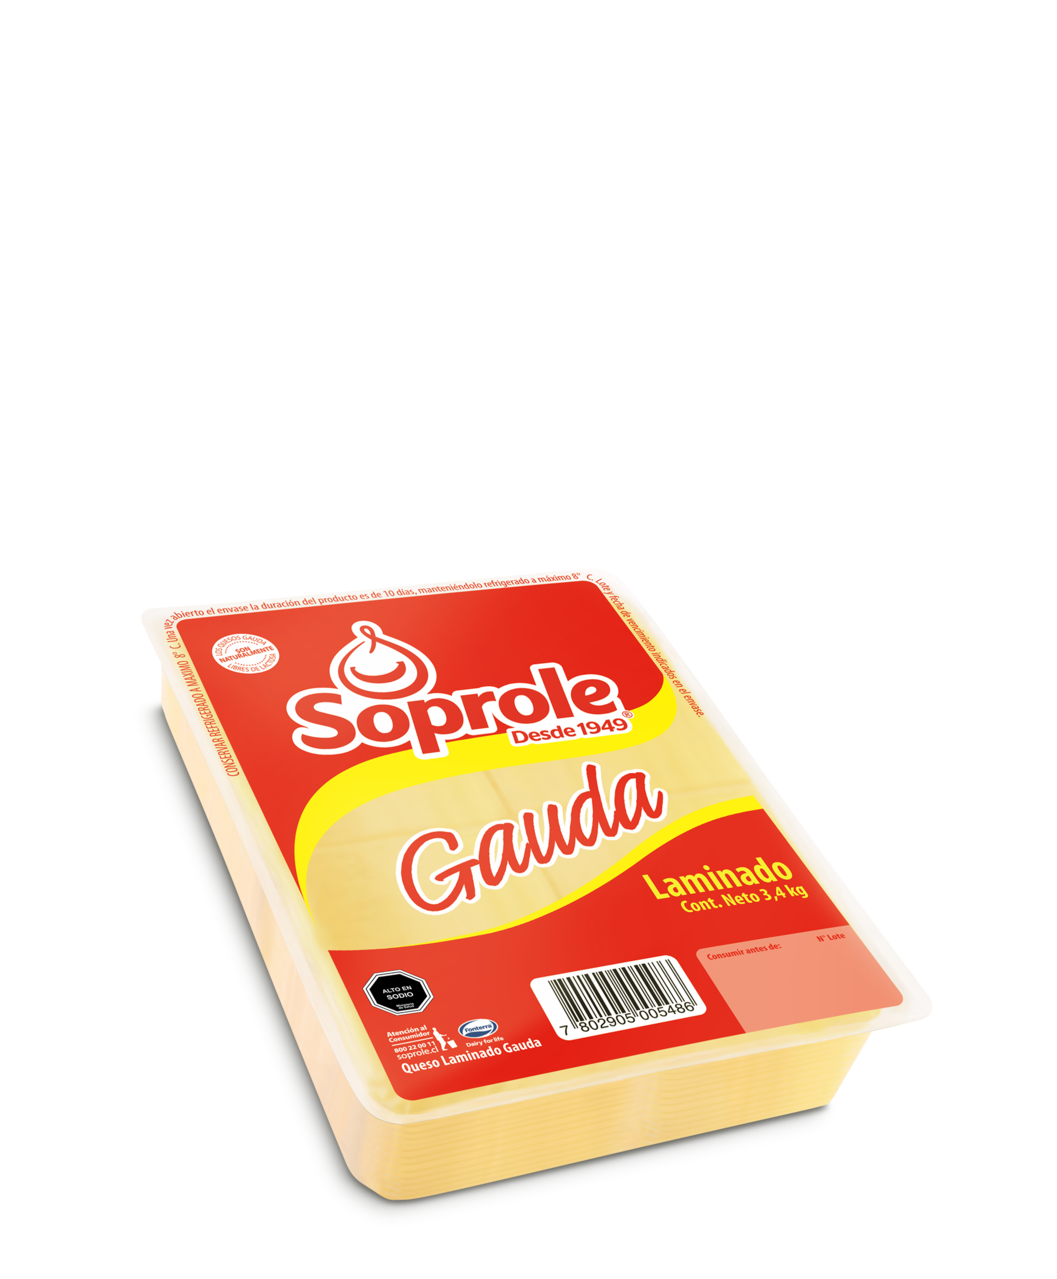 Soprole gauda queso laminado 3-4kg